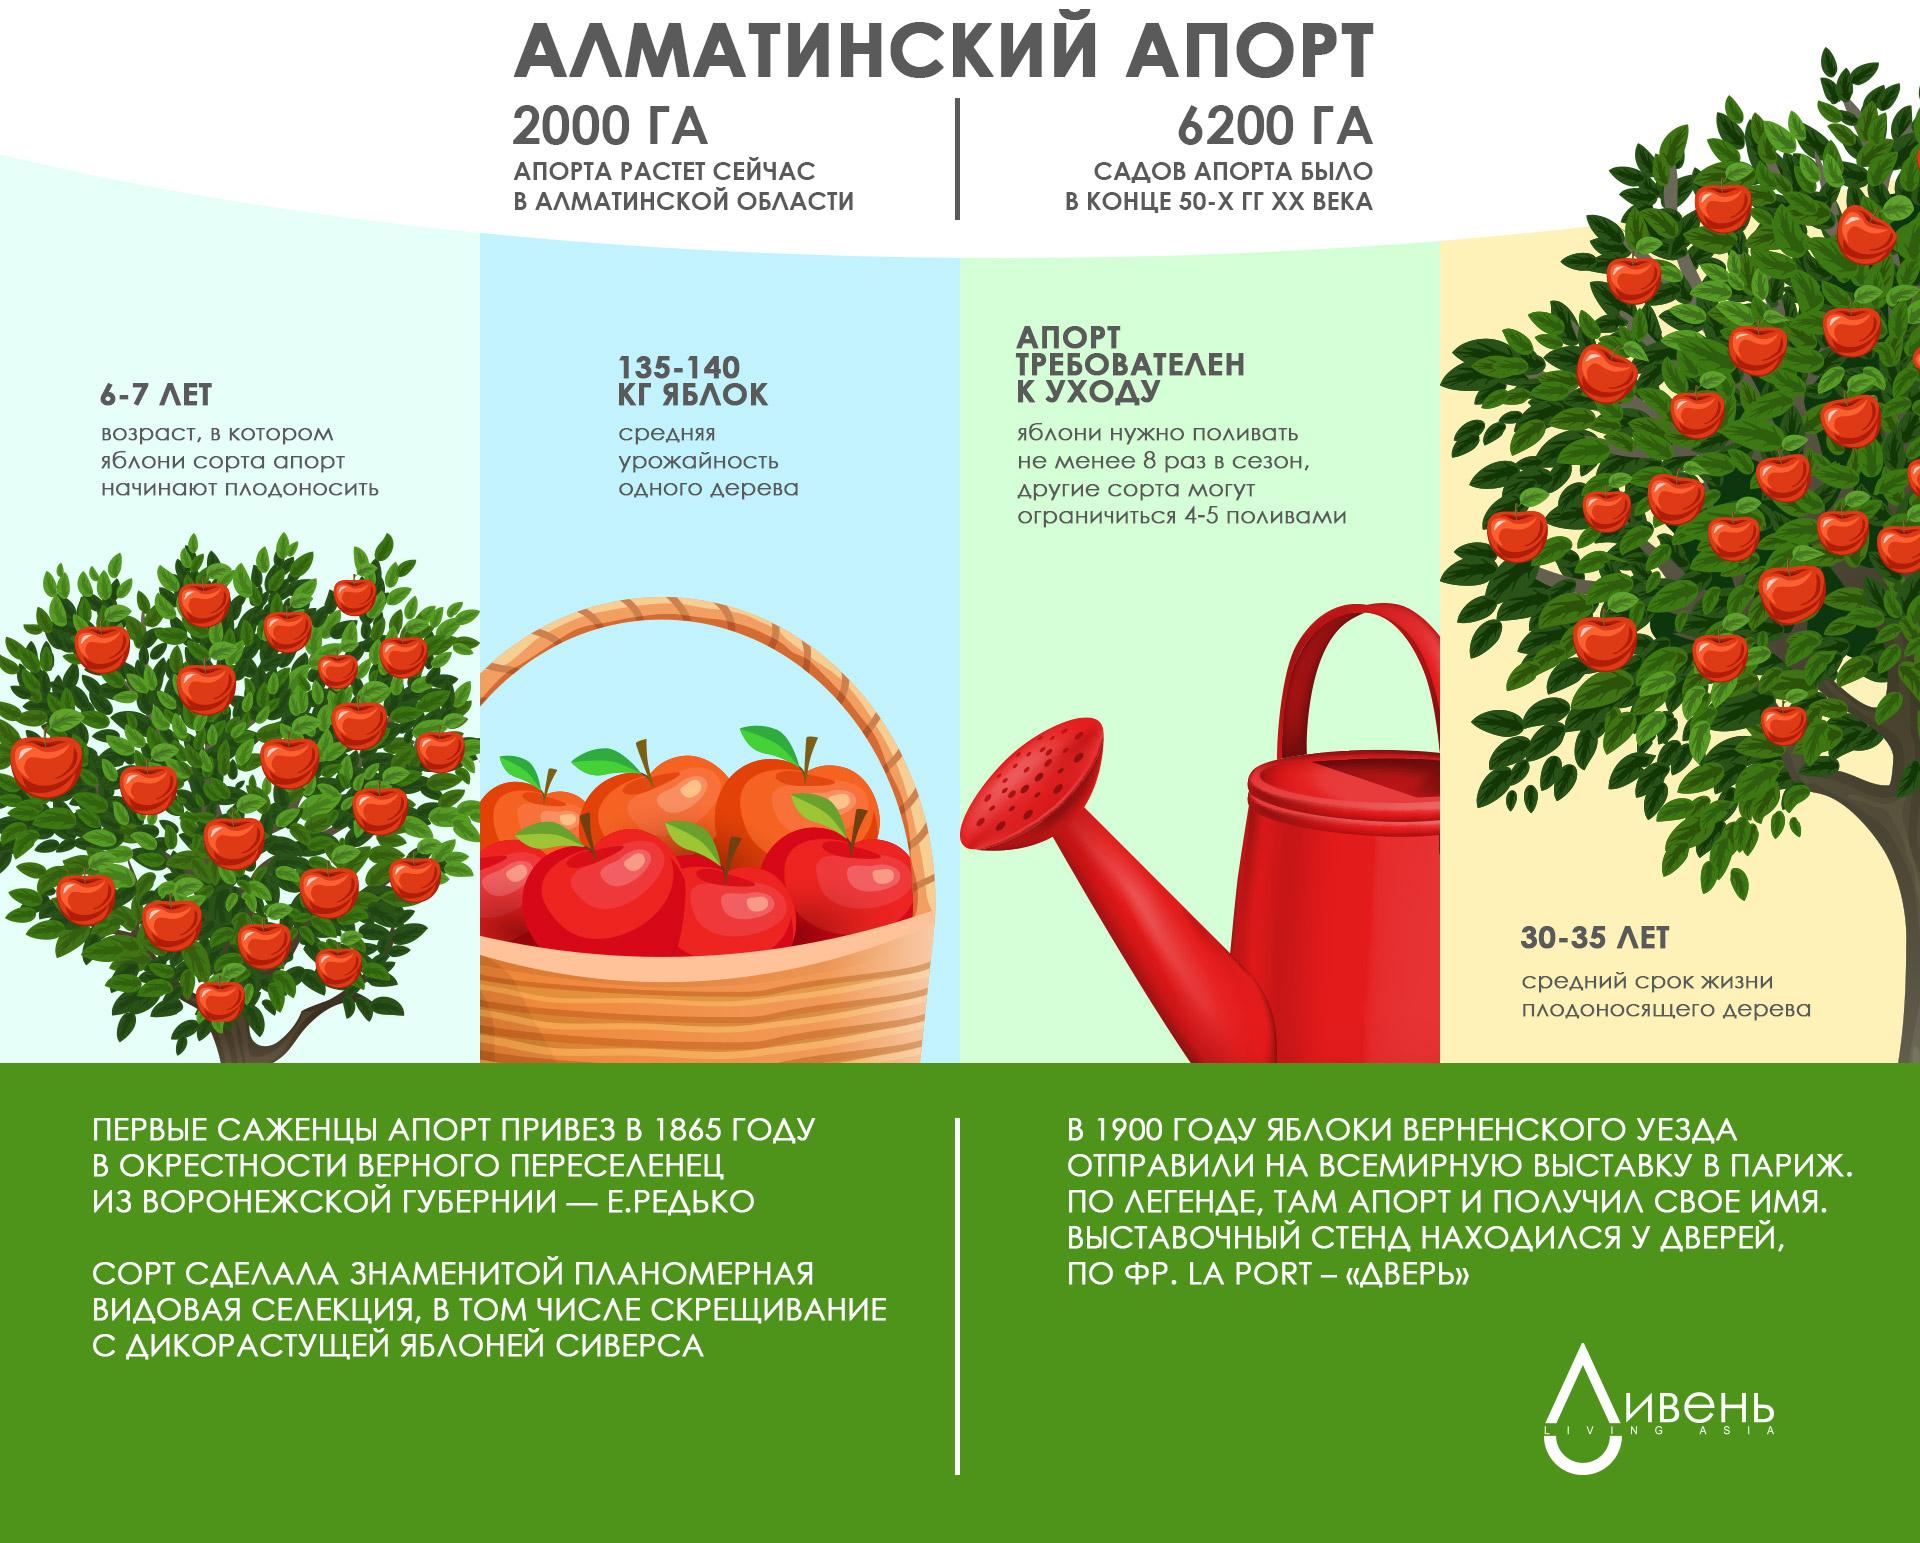 Инфографика: главные цифры и факты об алматинском апорте